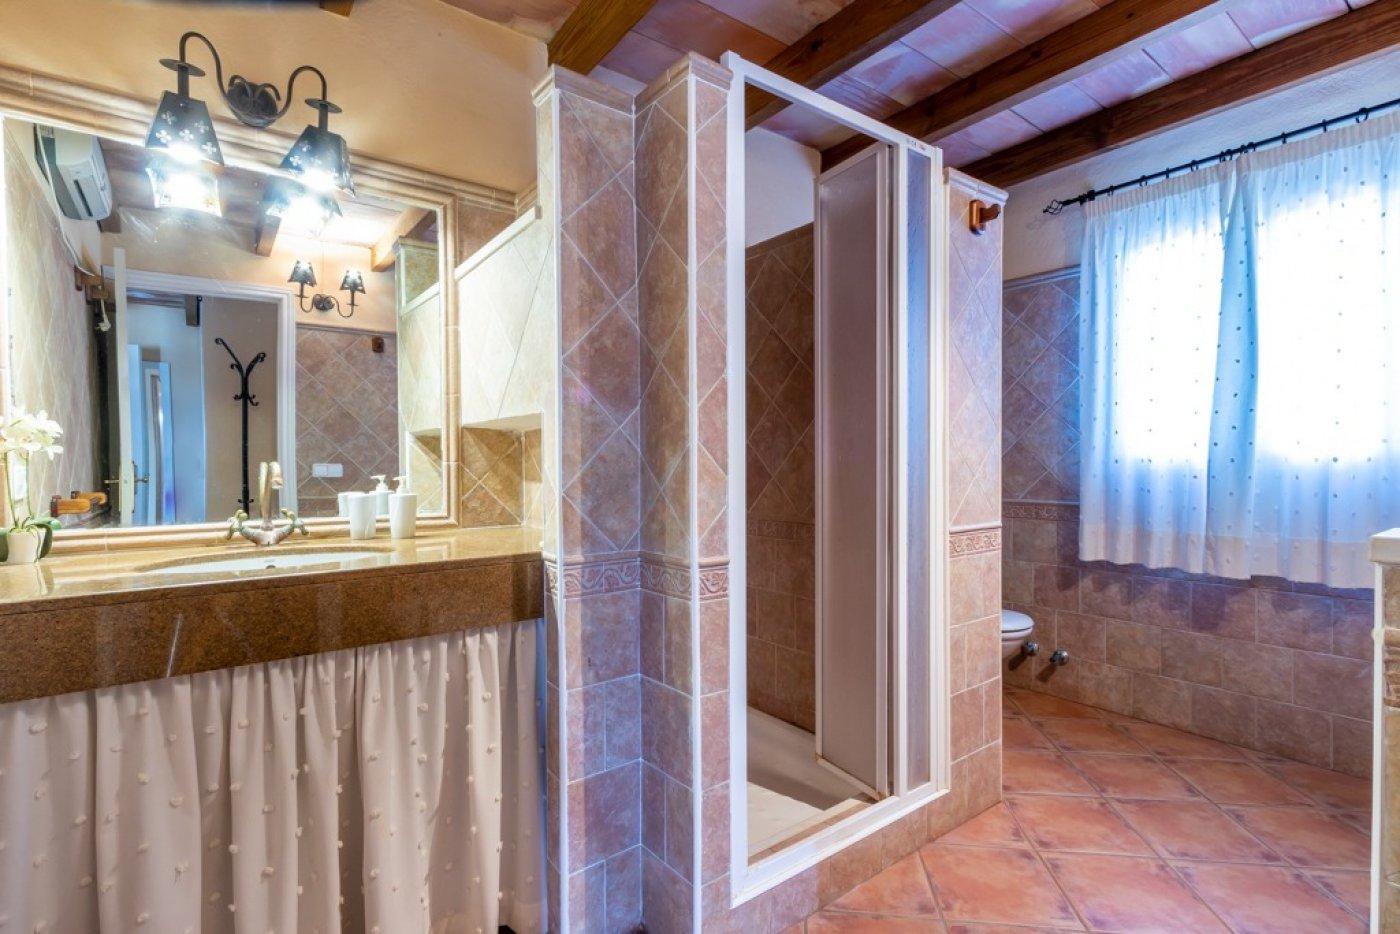 Magnifica villa en ses salines - can somni - ideal inversores turÍsticos - imagenInmueble27